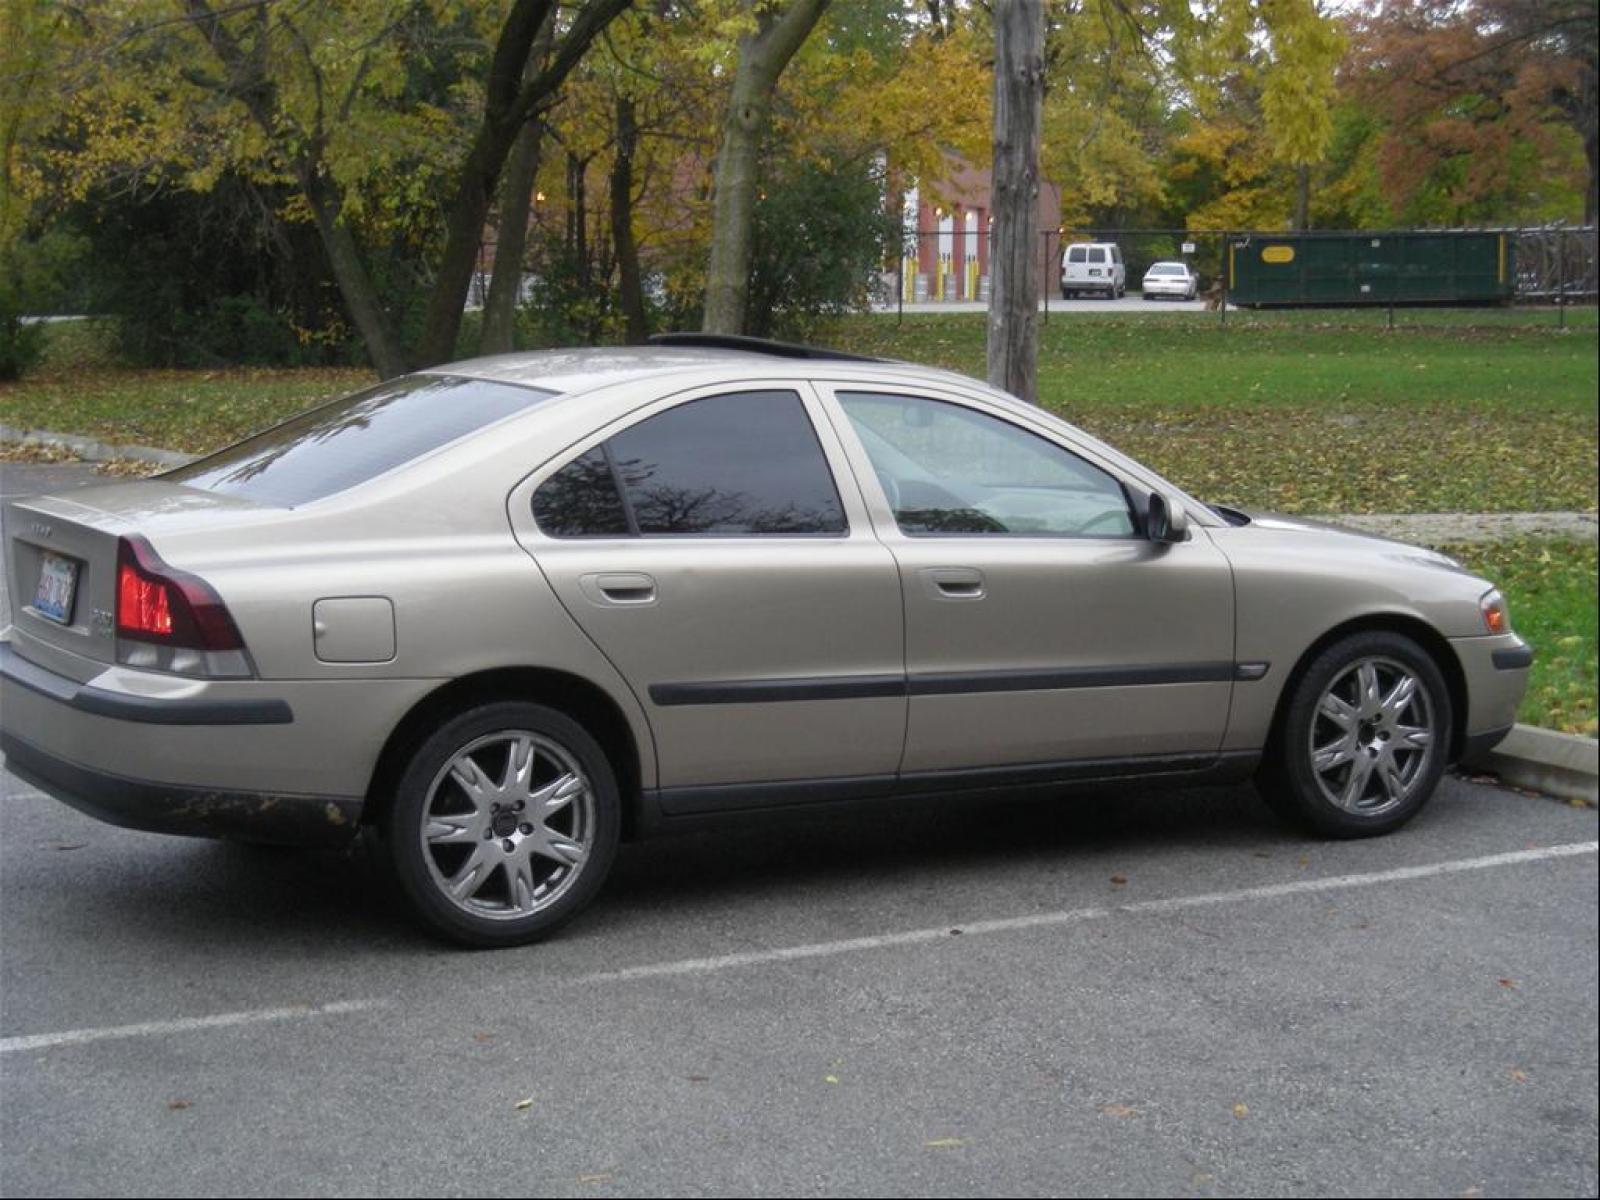 800 1024 1280 1600 Origin 2002 Volvo